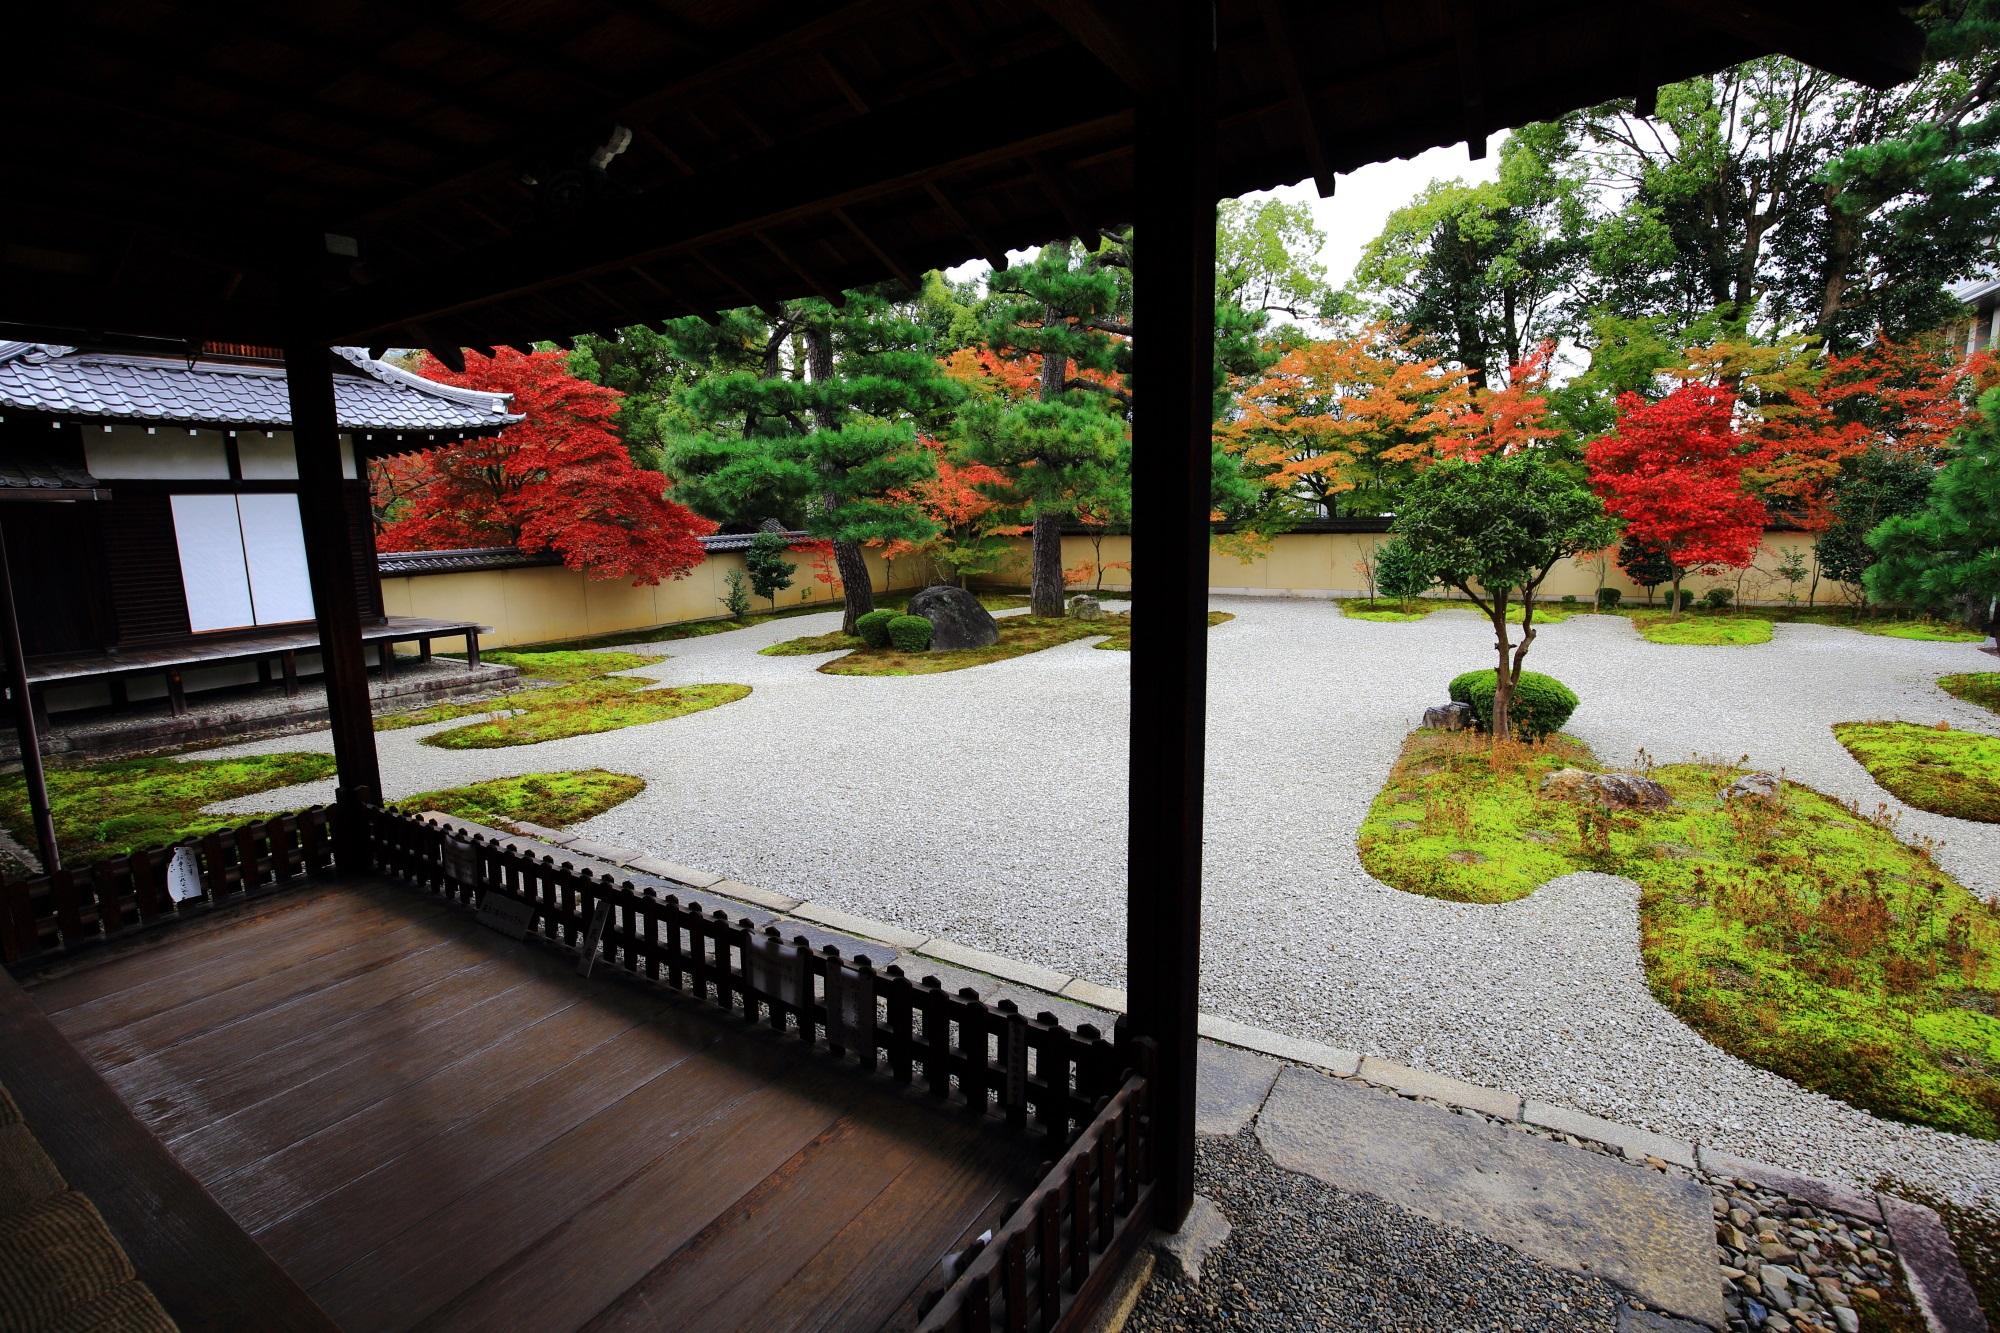 廬山寺 紅葉 もみじの穴場の鮮やかな彩り